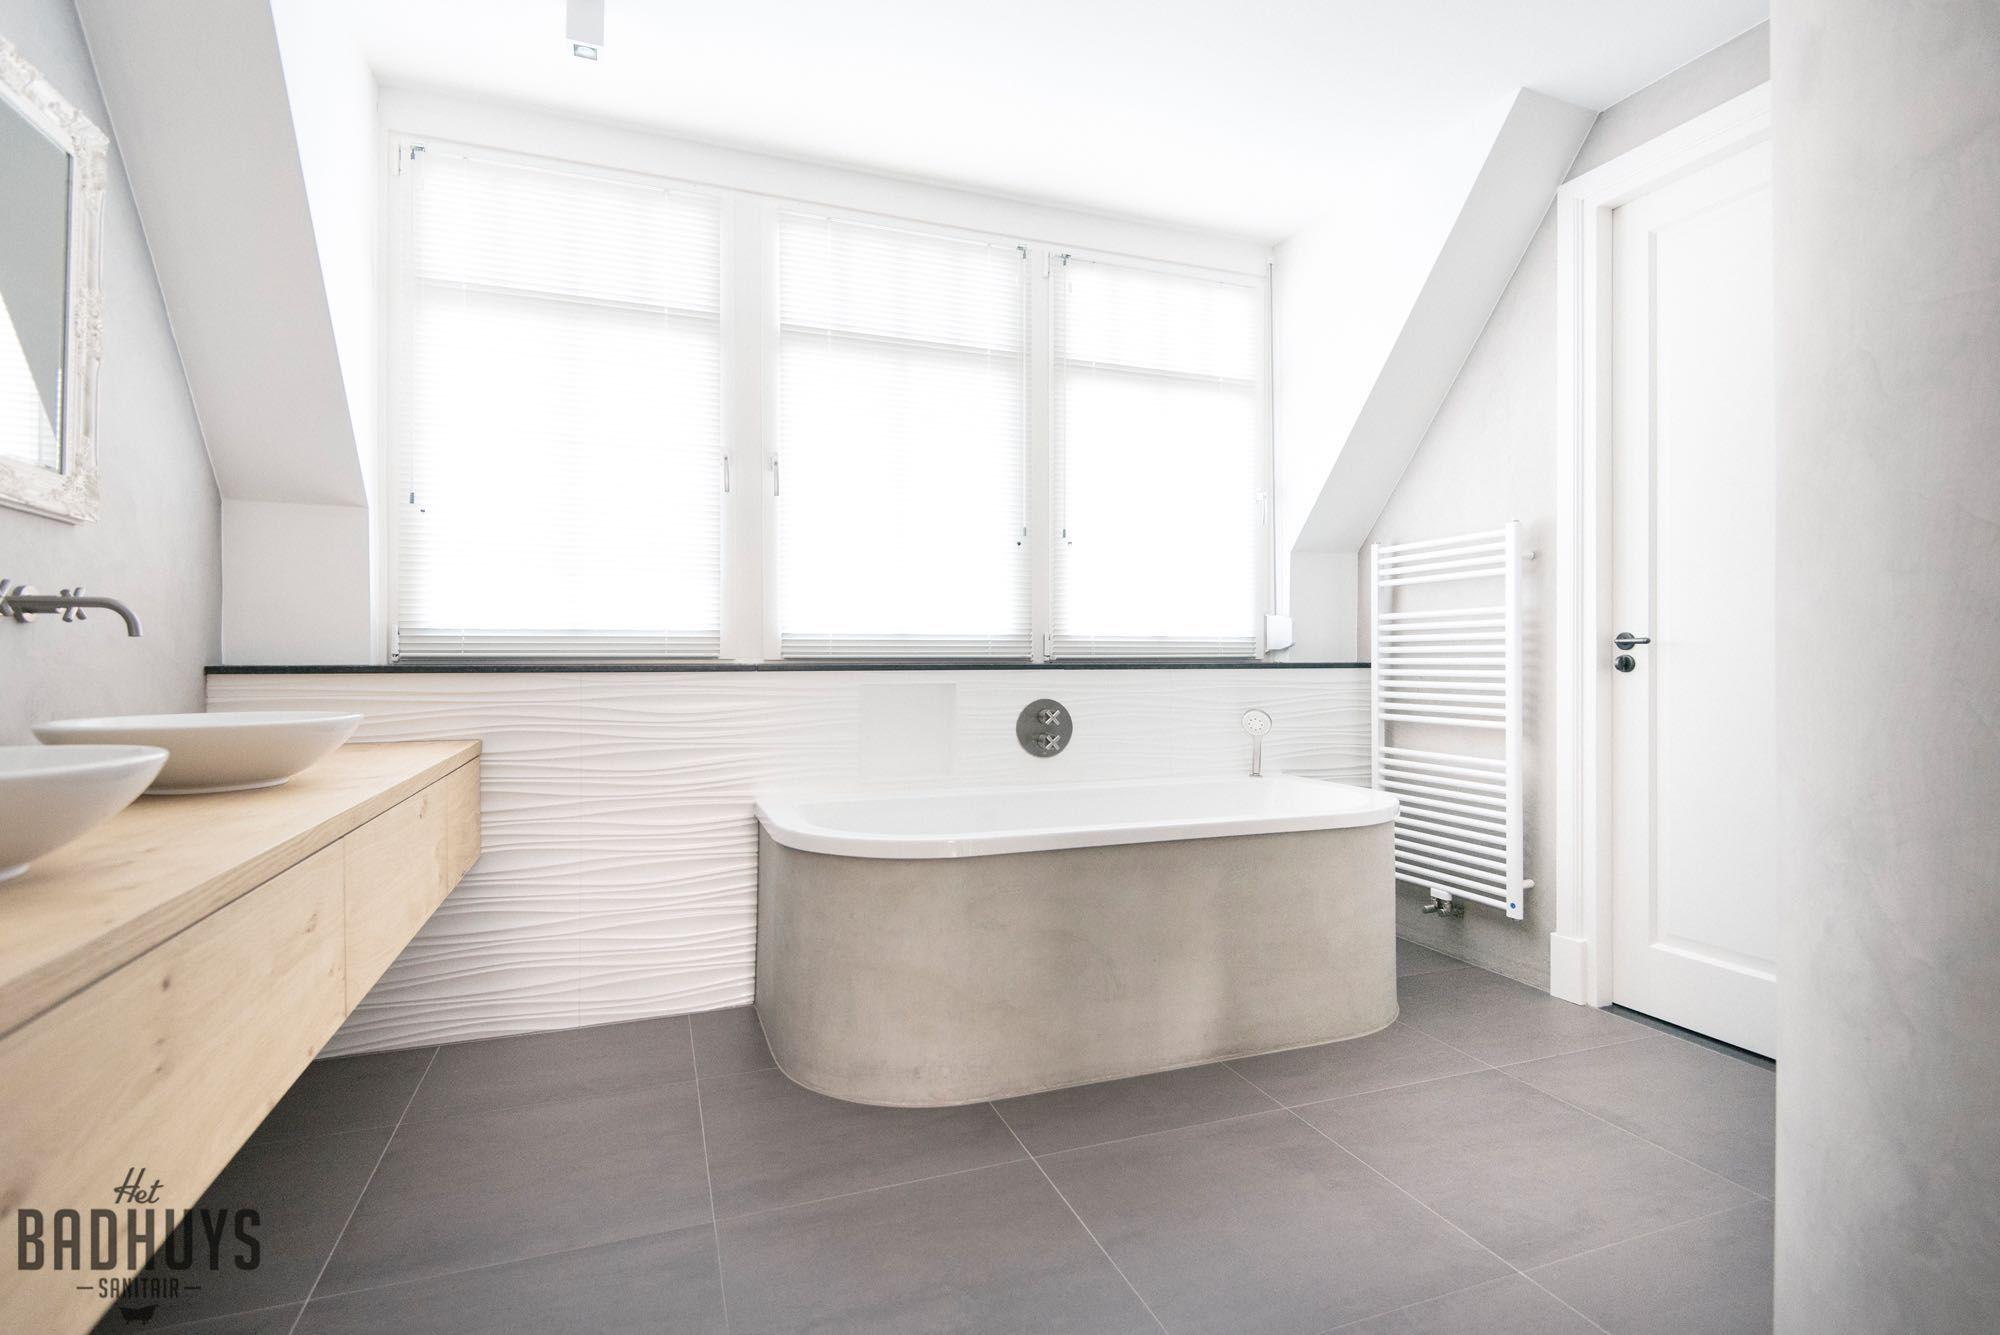 Betonnen Badkamer Muur : Badkamer met rond bad en muren in de beton cire het badhuys het